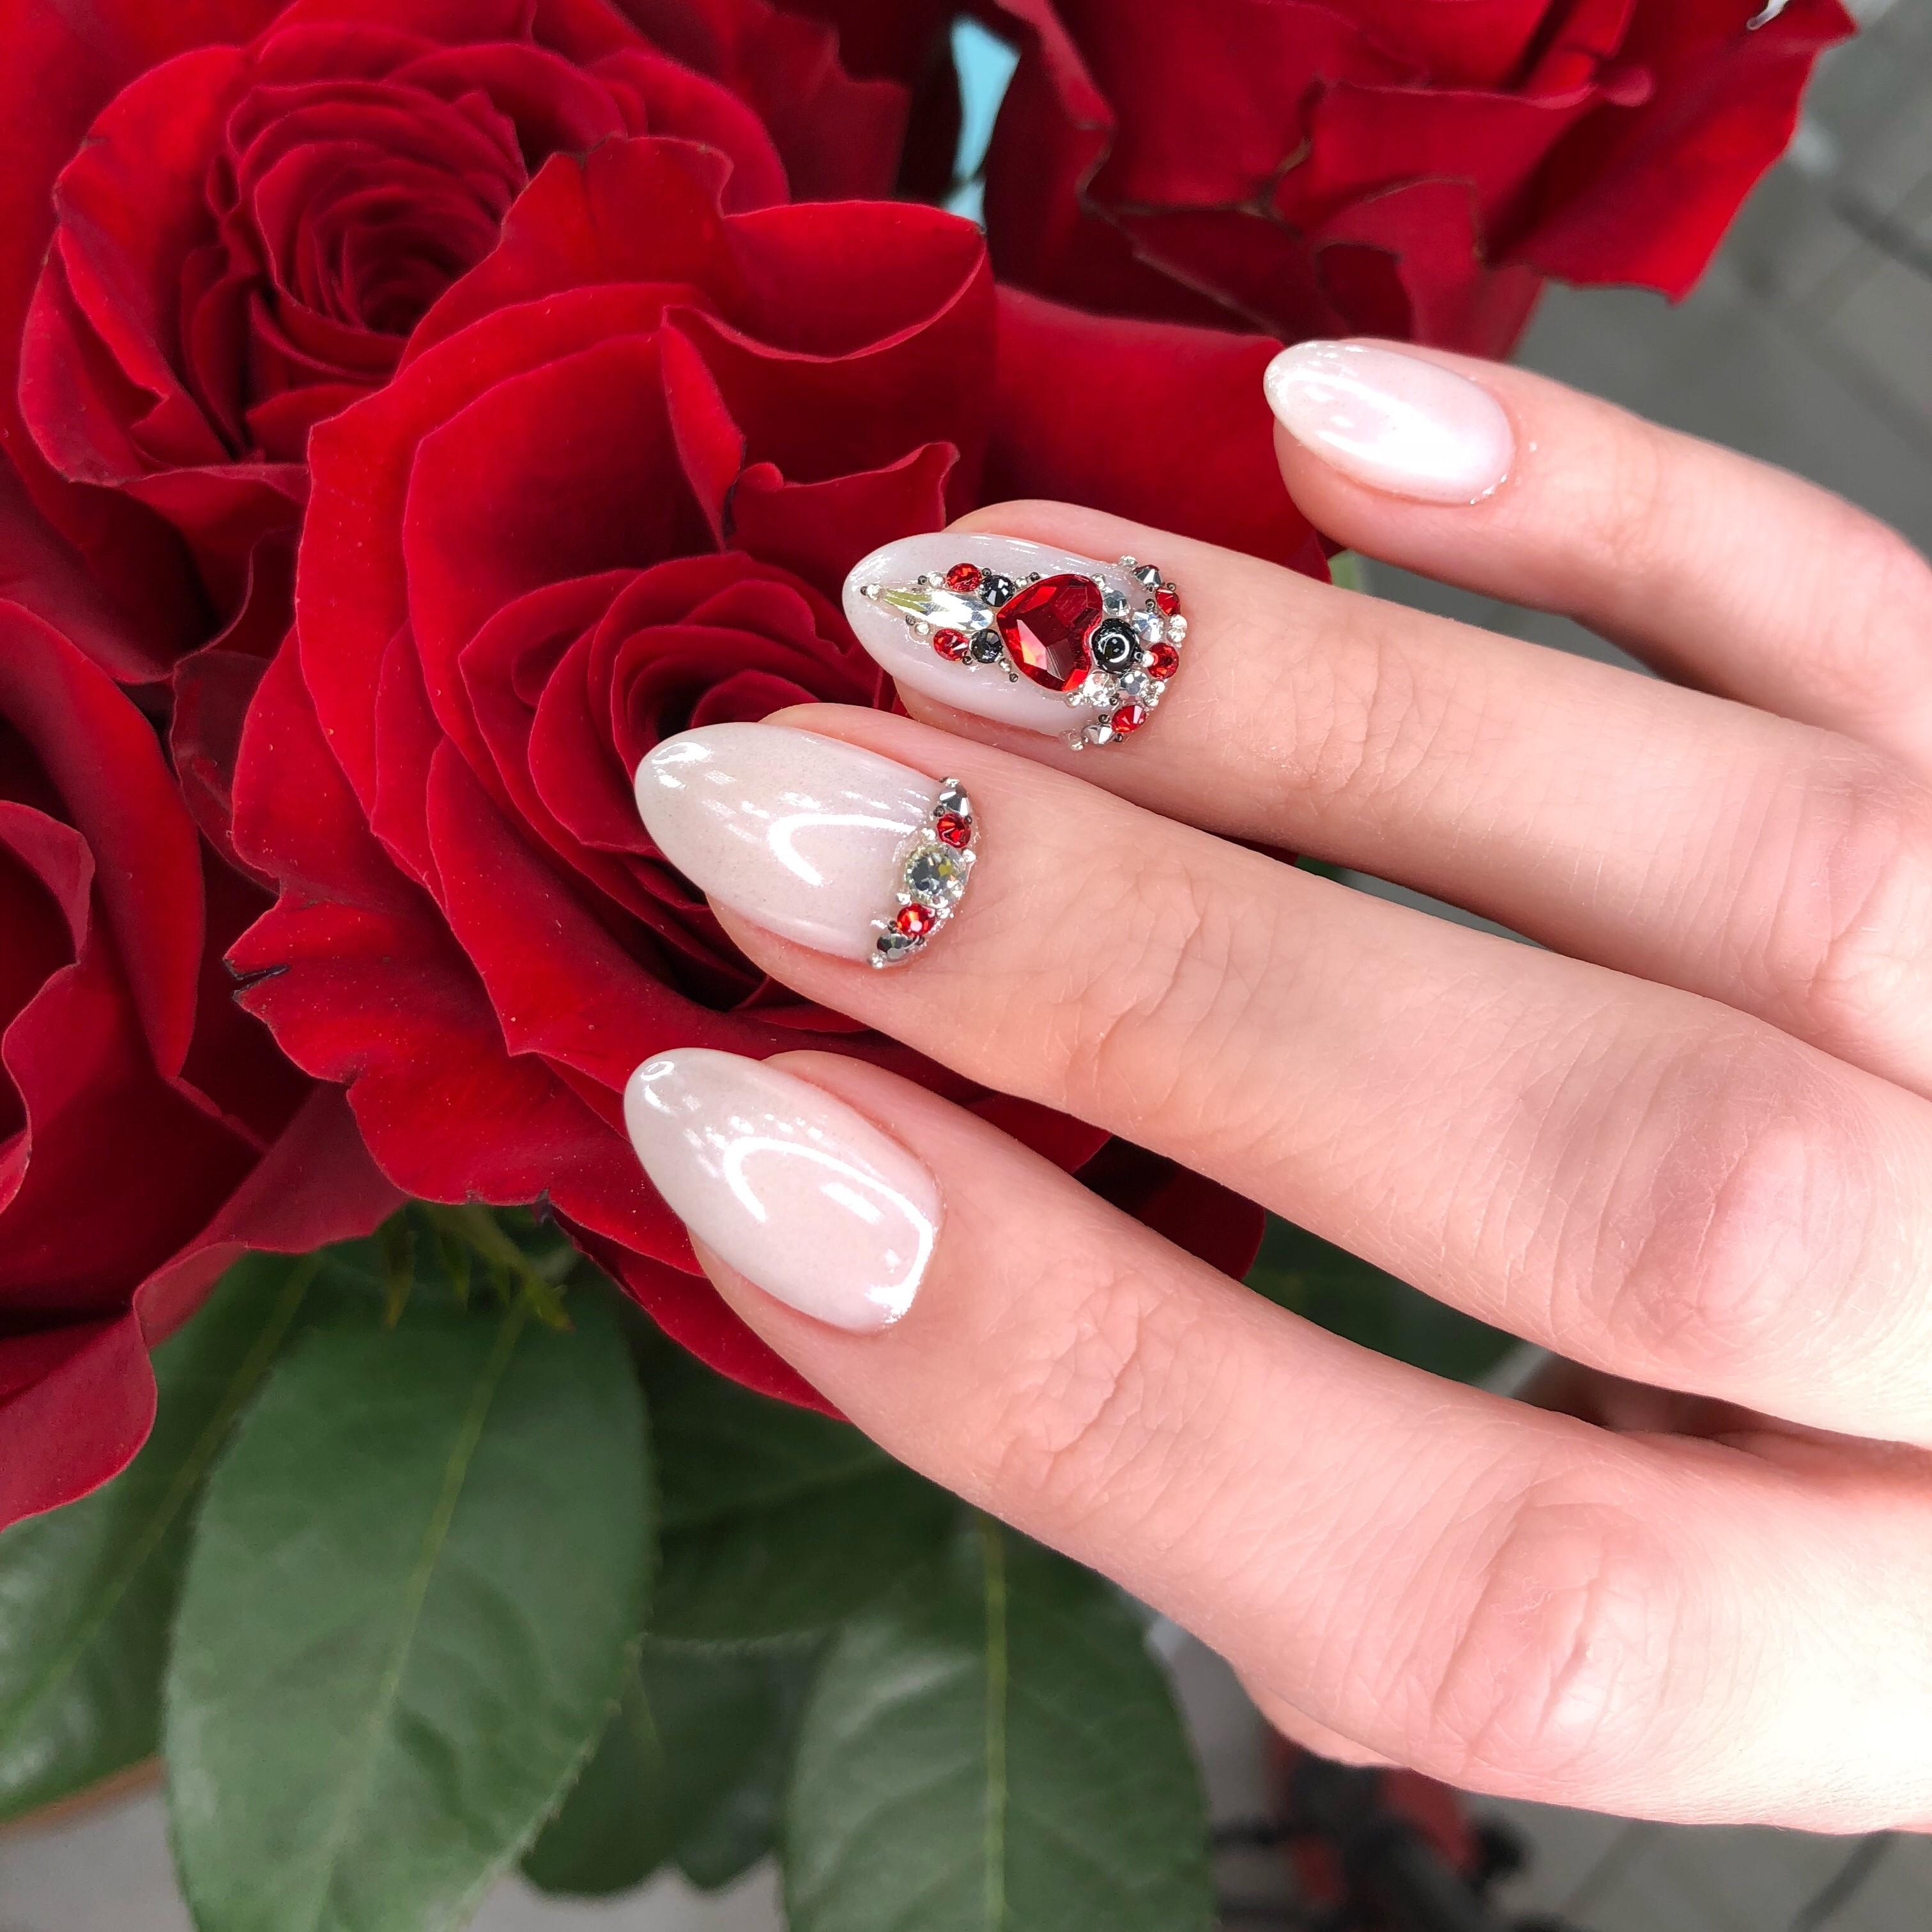 Маникюр с втиркой и стразами в молочном цвете на короткие ногти.